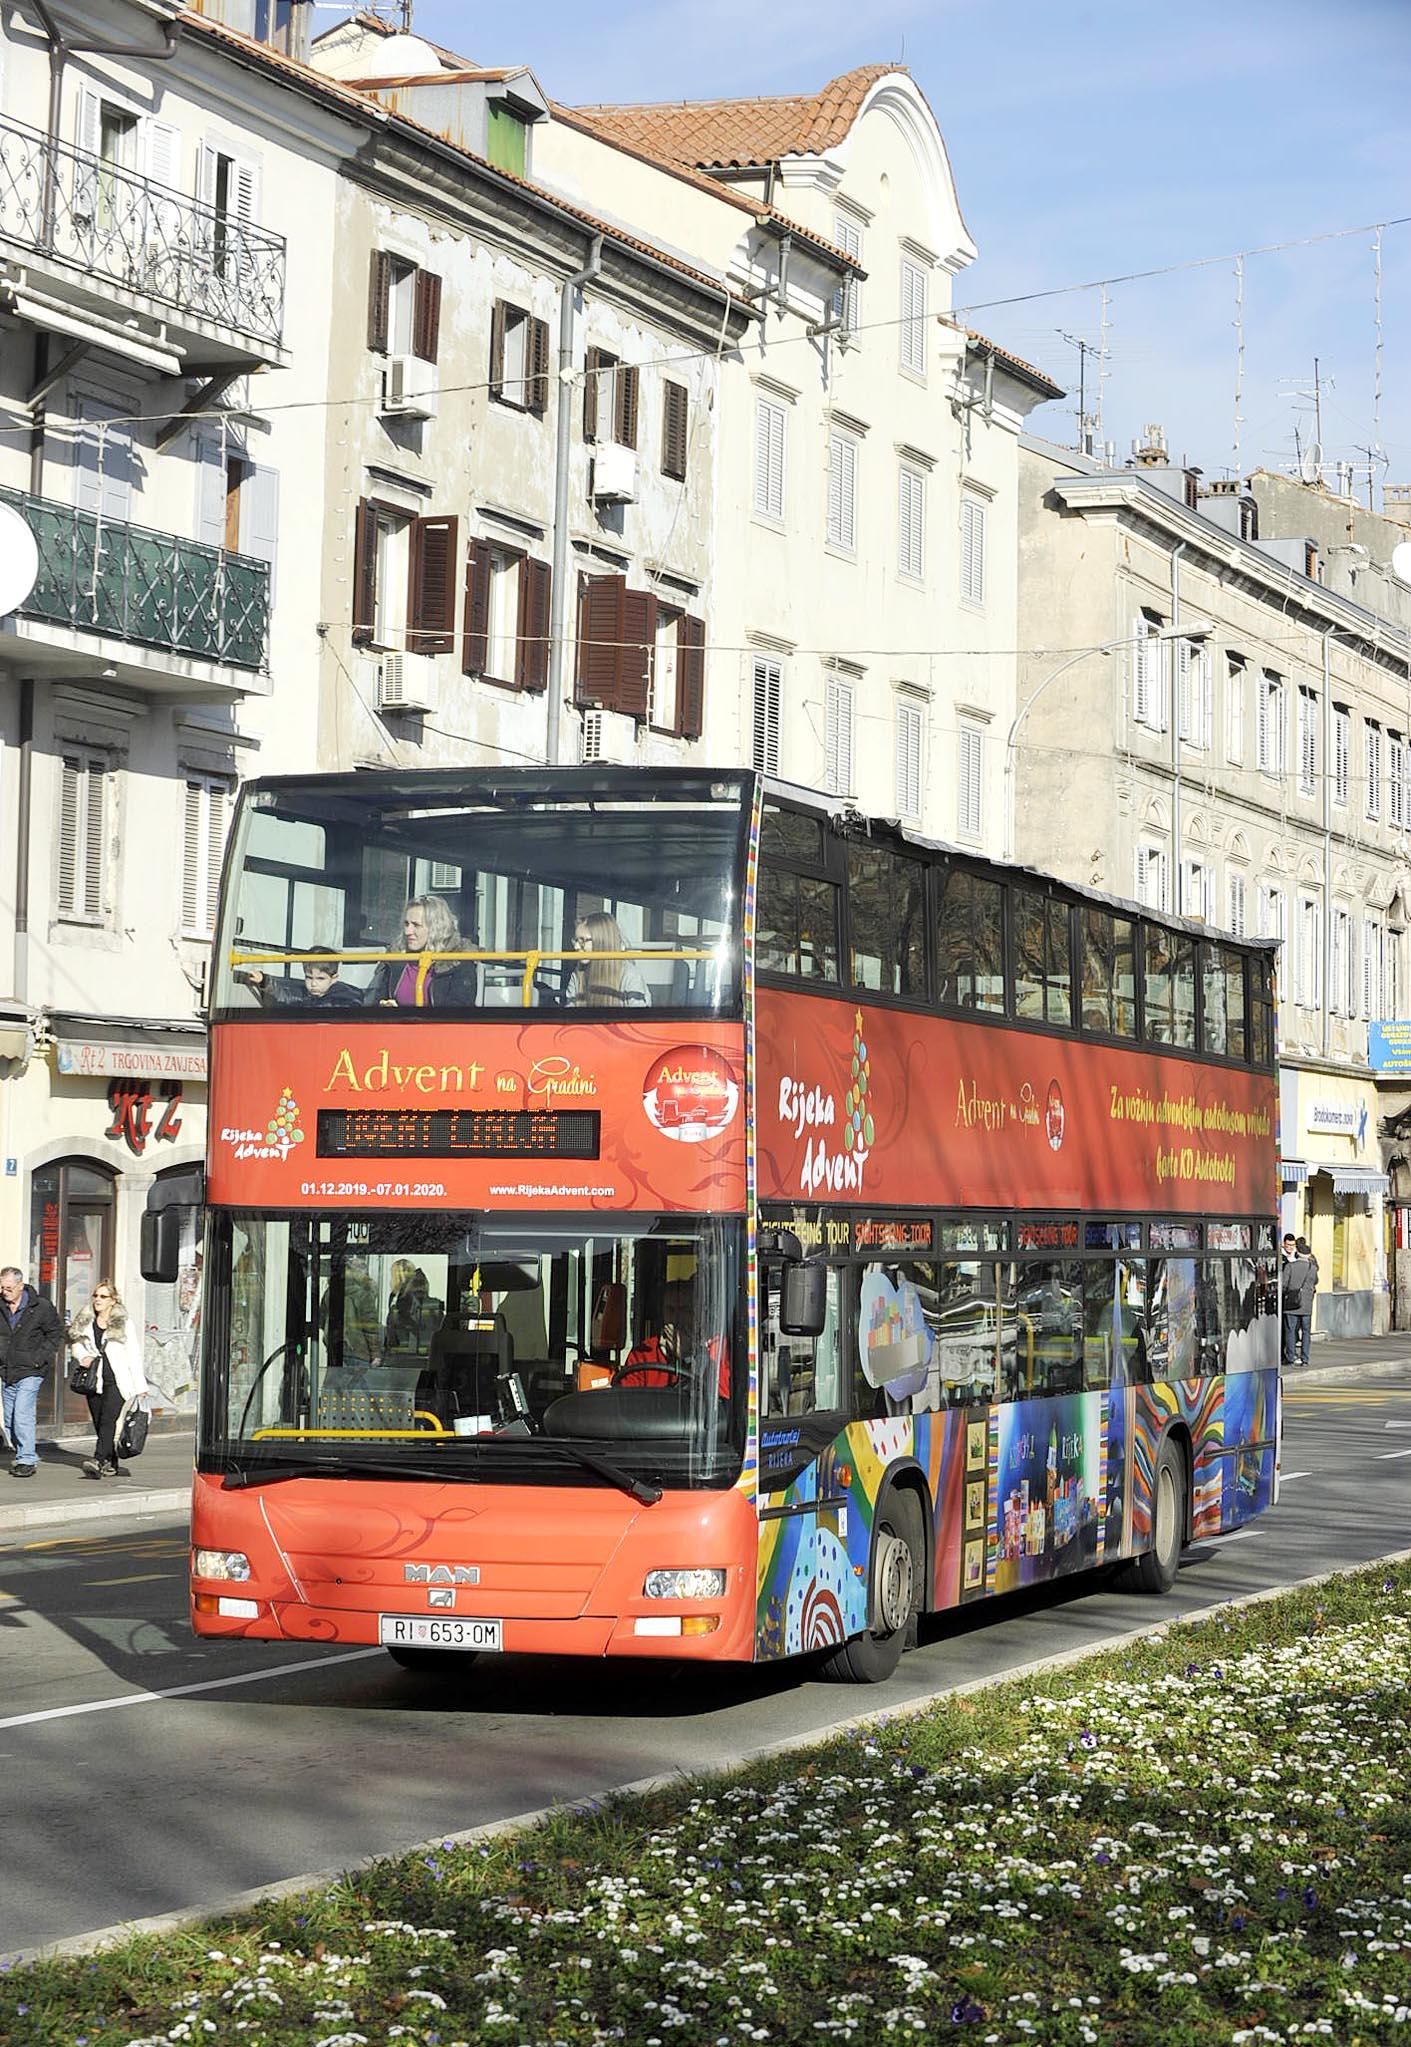 Razgledavanje grada autobusom popularno i zimi i ljeti / NL arhiva